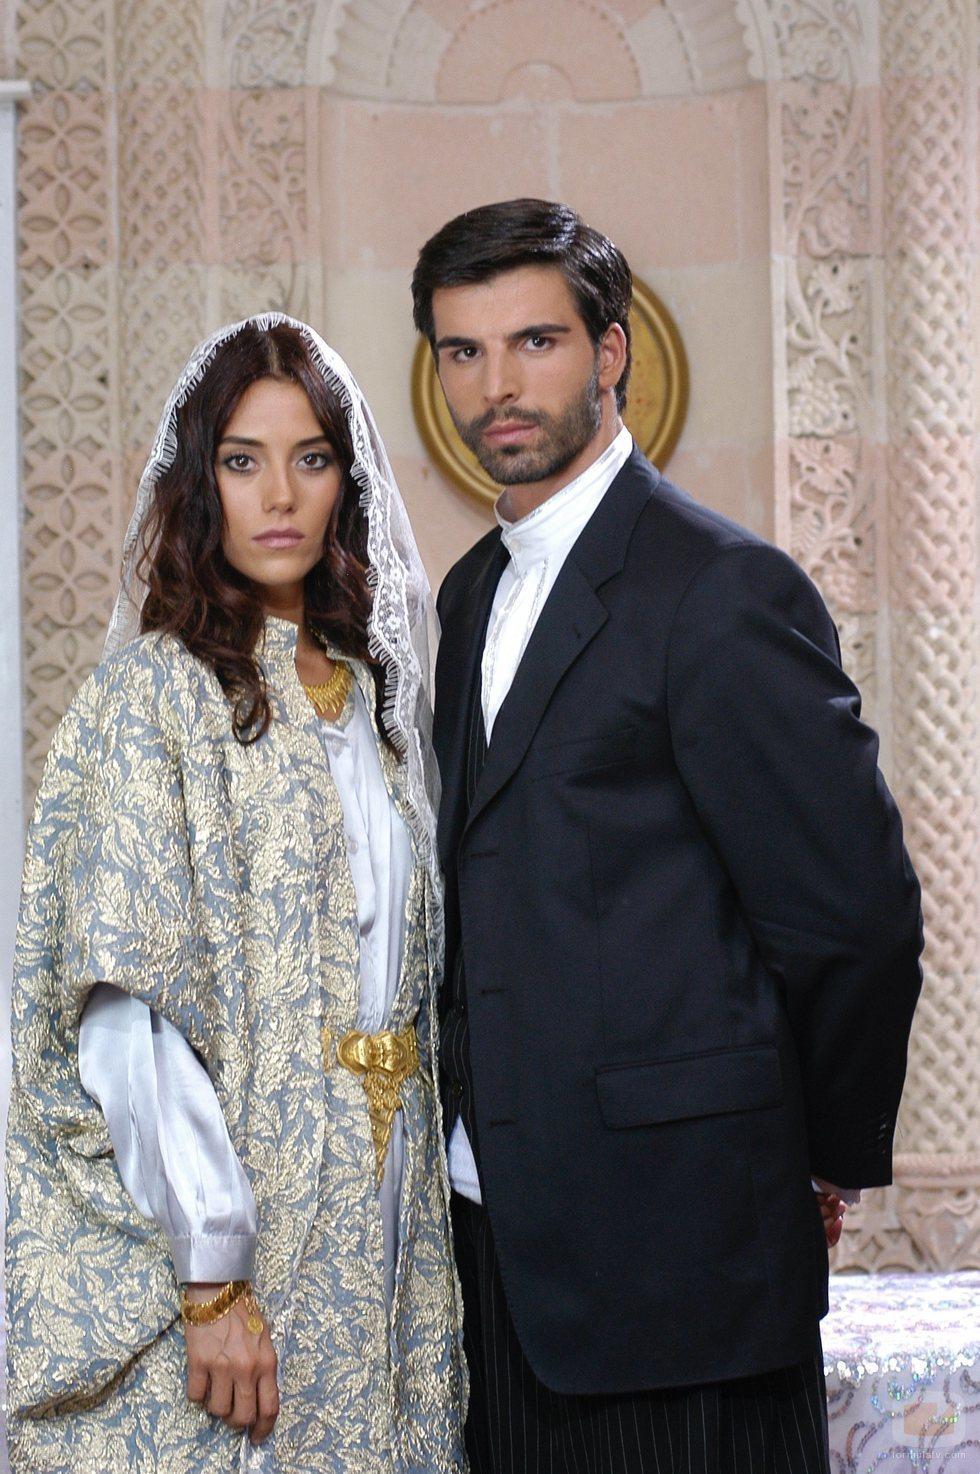 Sila y Boran el día de su boda en 'Sila', telenovela turca que llega a Nova